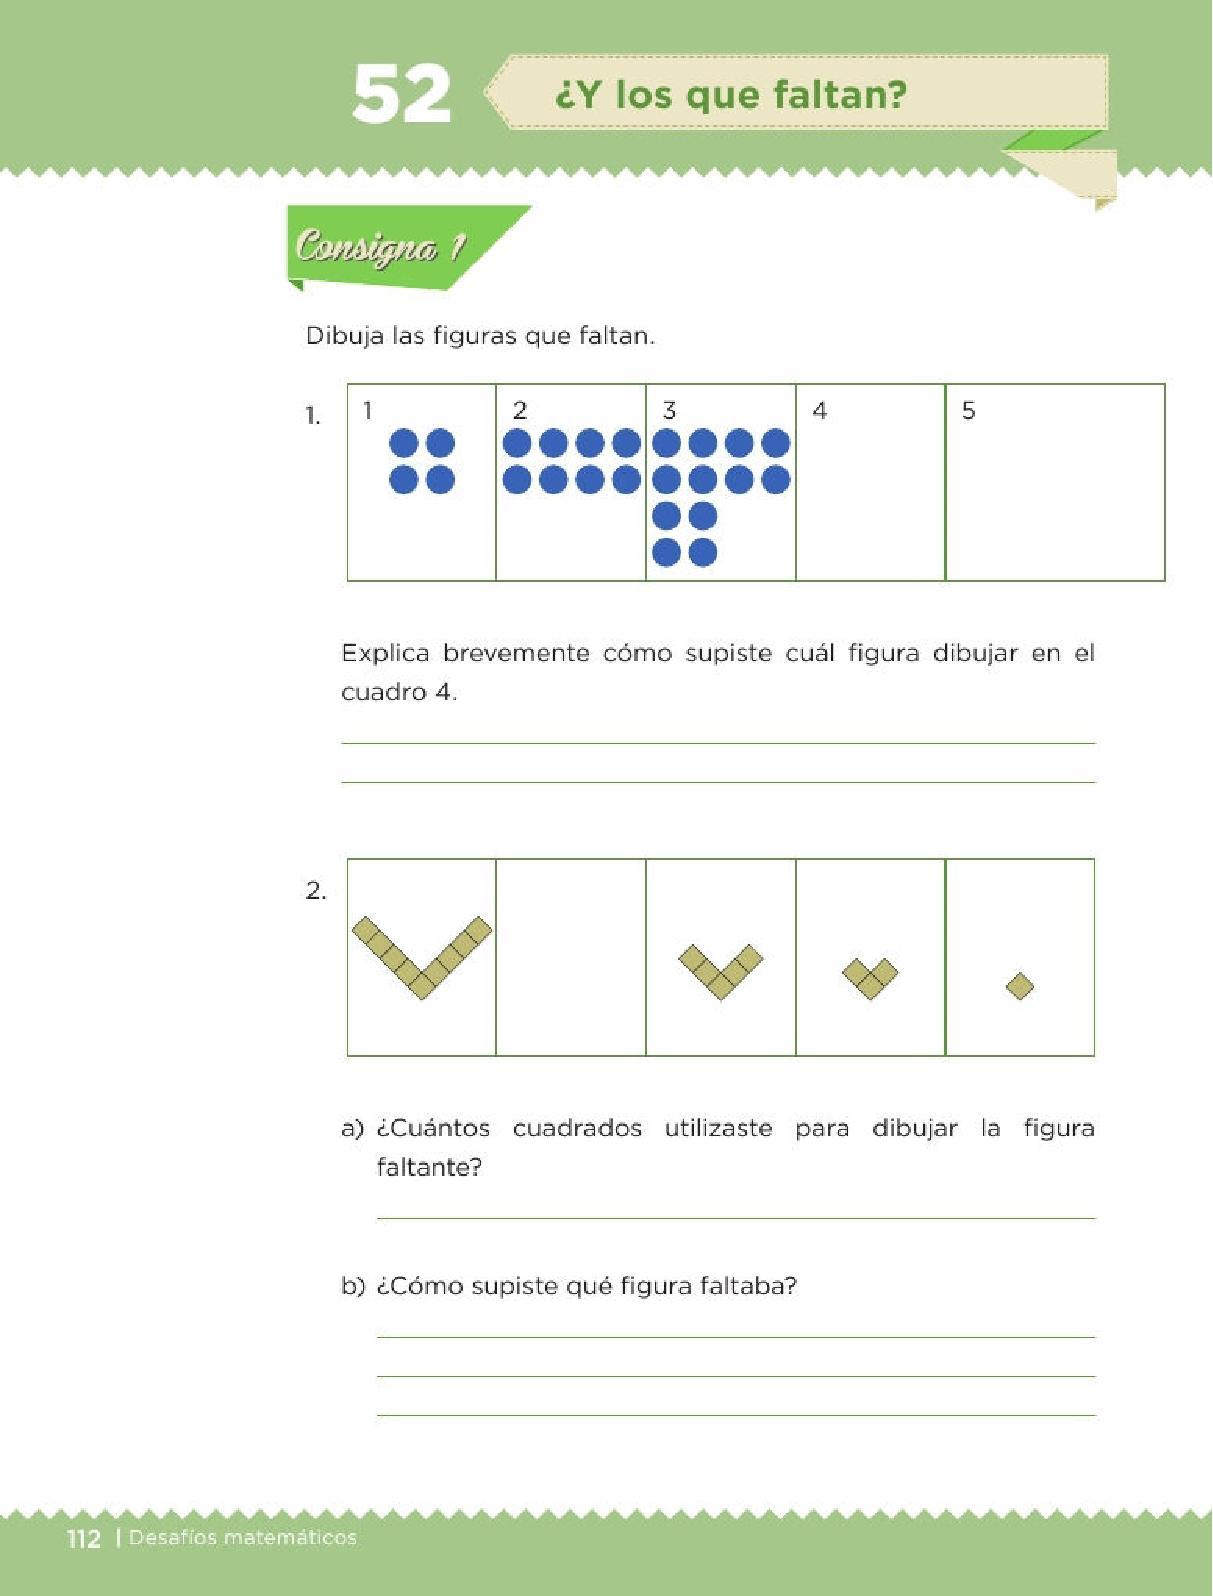 ... matemáticos 3ro. Grado Bloque IV Lección 52 ¿Y los que faltan